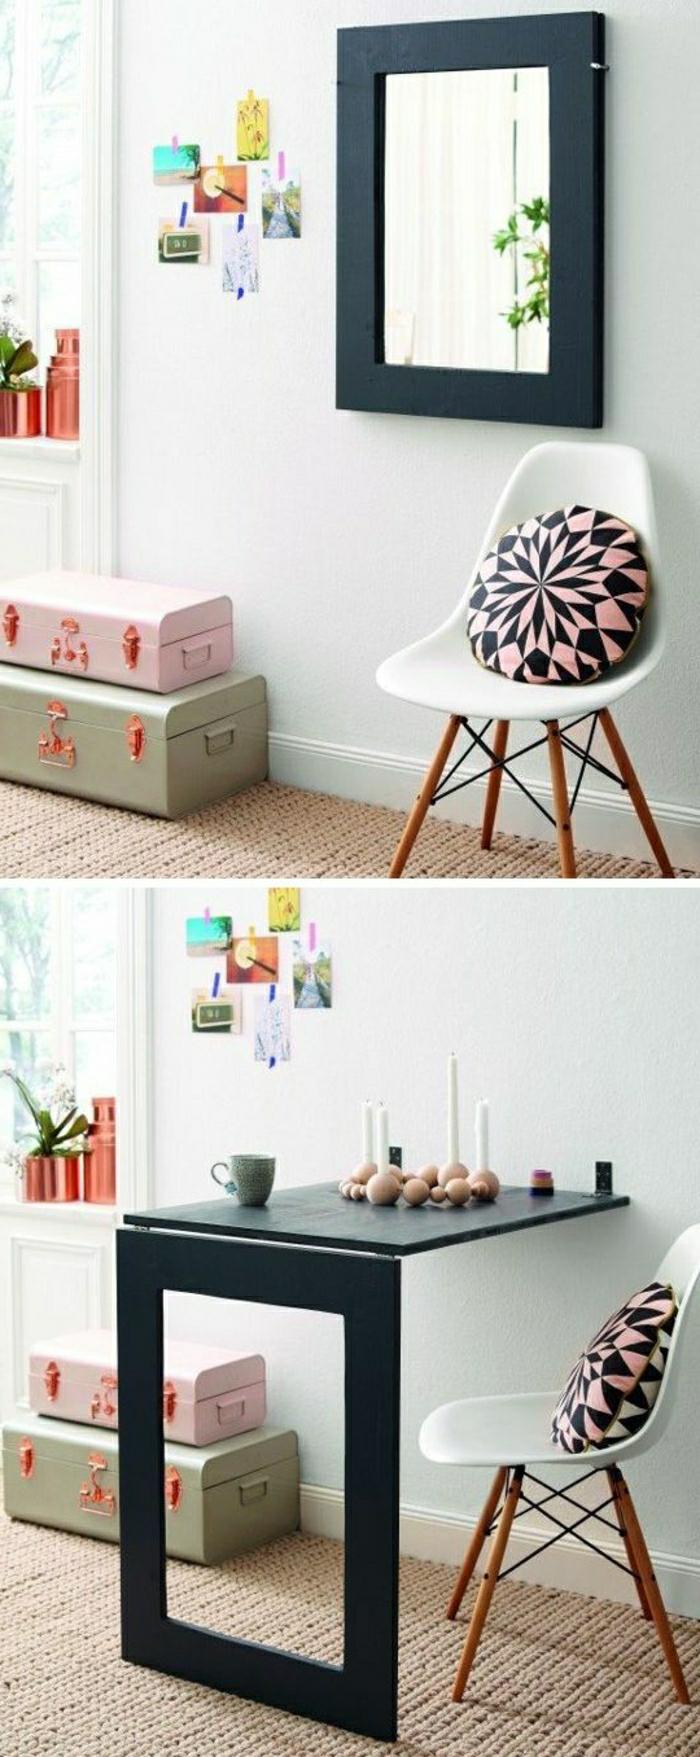 Valise-vintage-intérieur-idées-créativité-table-miroir-valises